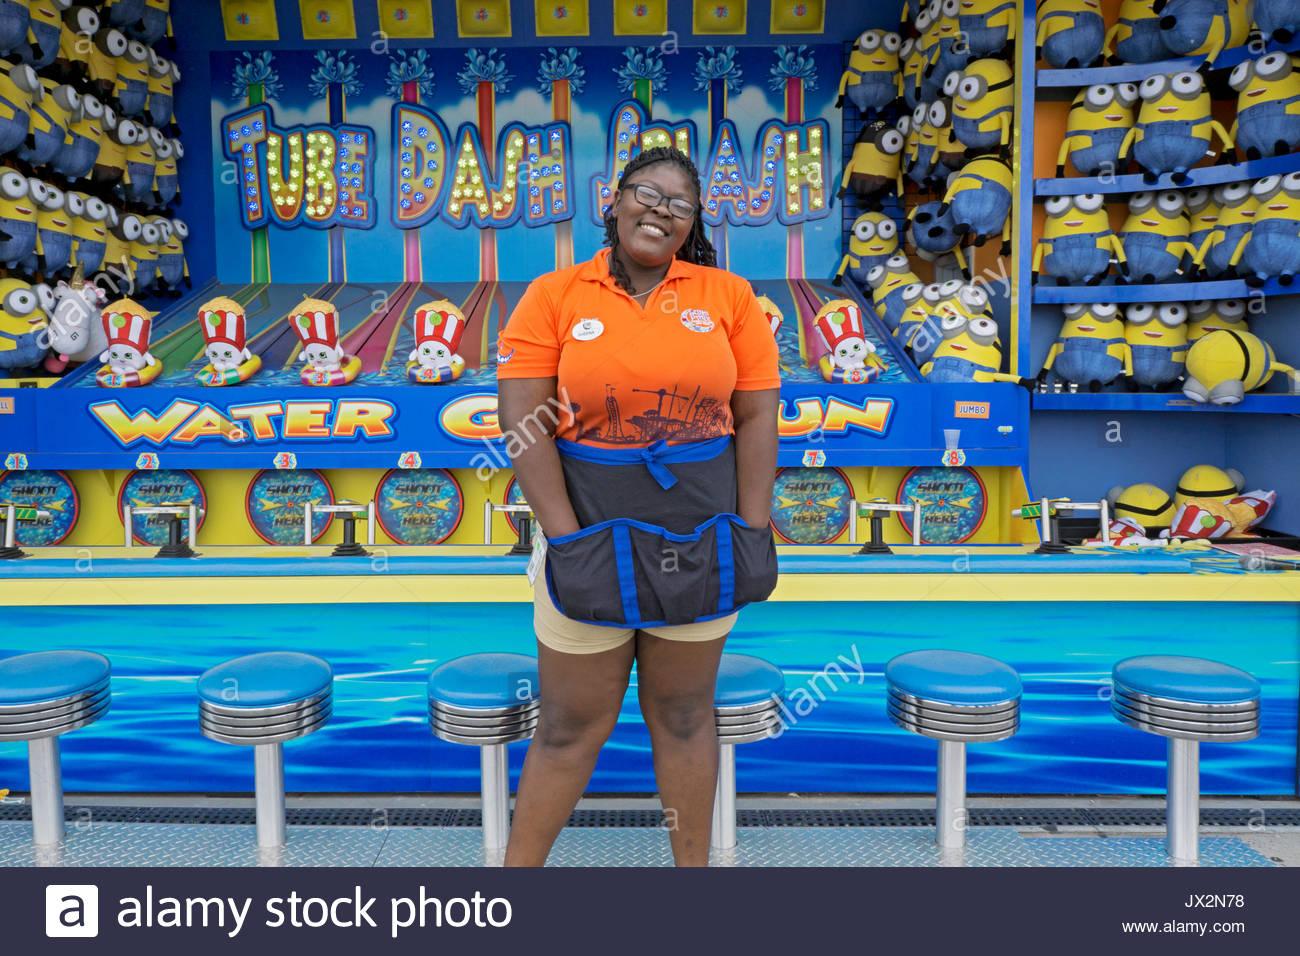 Ein College Mädchen an ihrem Ferienjob in einem Arcade Spiel auf dem Boardwalk Coney Island in Brooklyn, New York. Stockbild